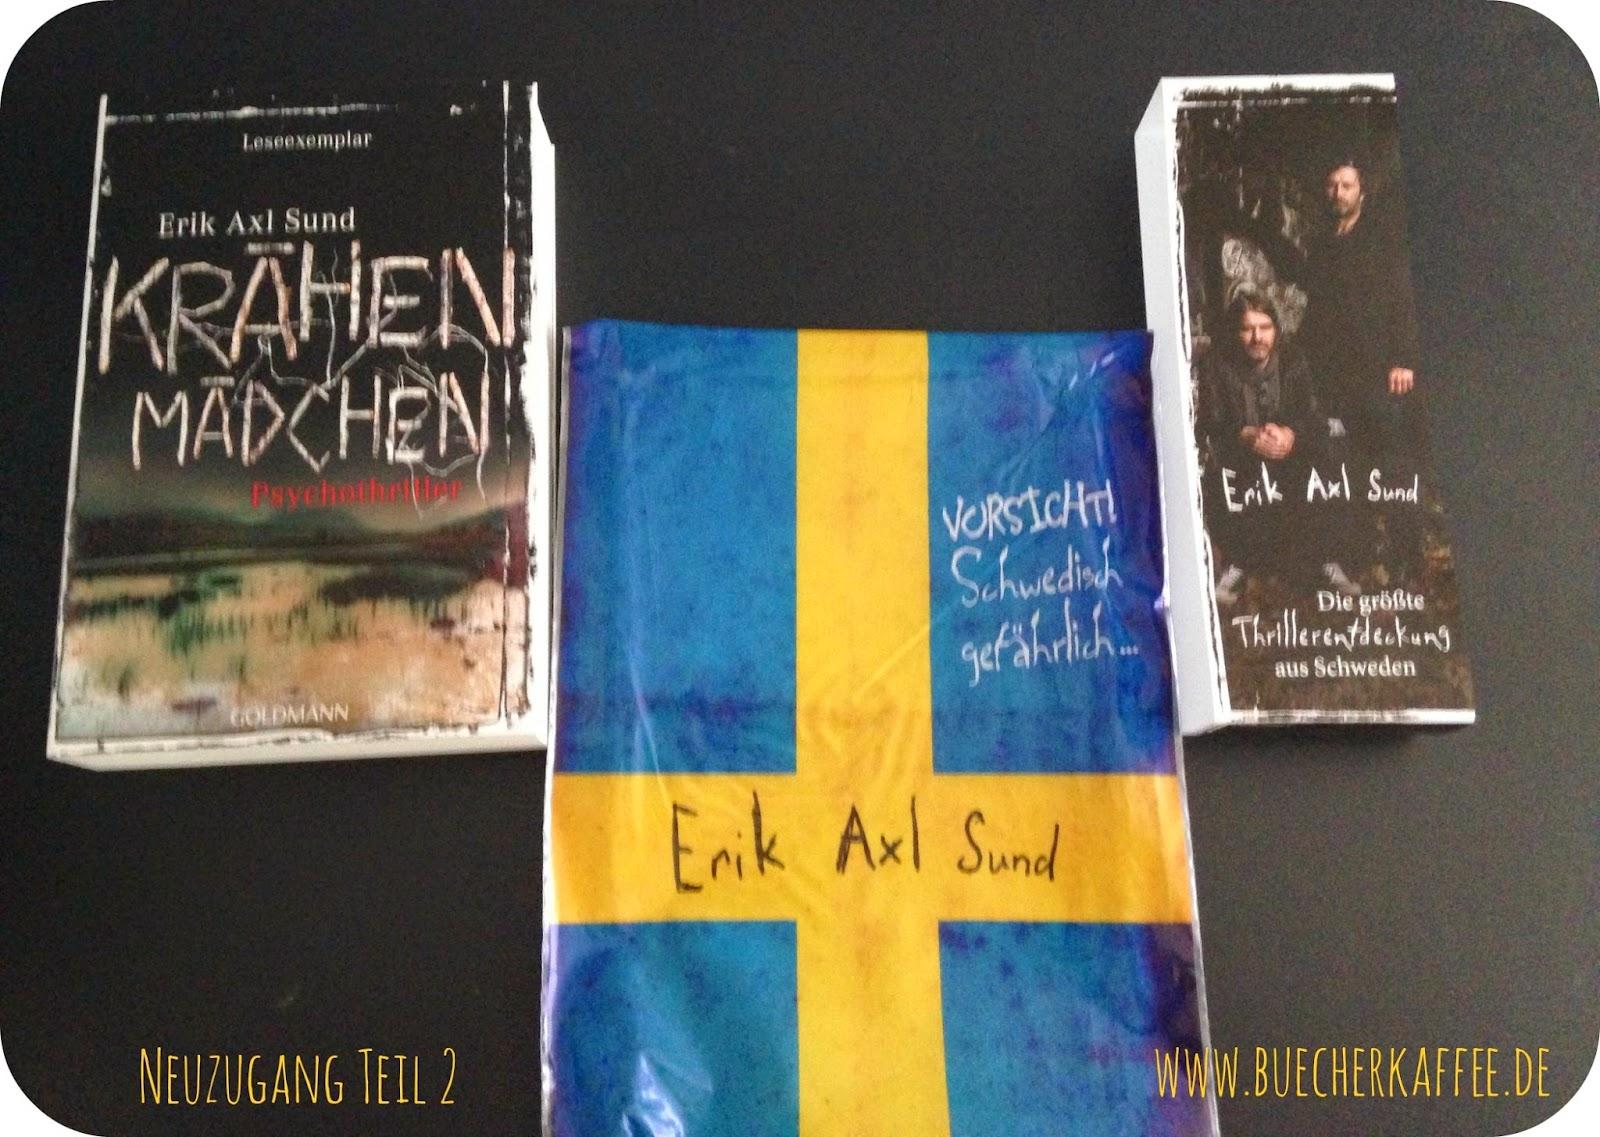 http://www.randomhouse.de/Paperback/Kraehenmaedchen-Band-1-der-Victoria-Bergman-Trilogie-Psychothriller/Erik-Axl-Sund/e453629.rhd?mid=14&serviceAvailable=true#tabbox